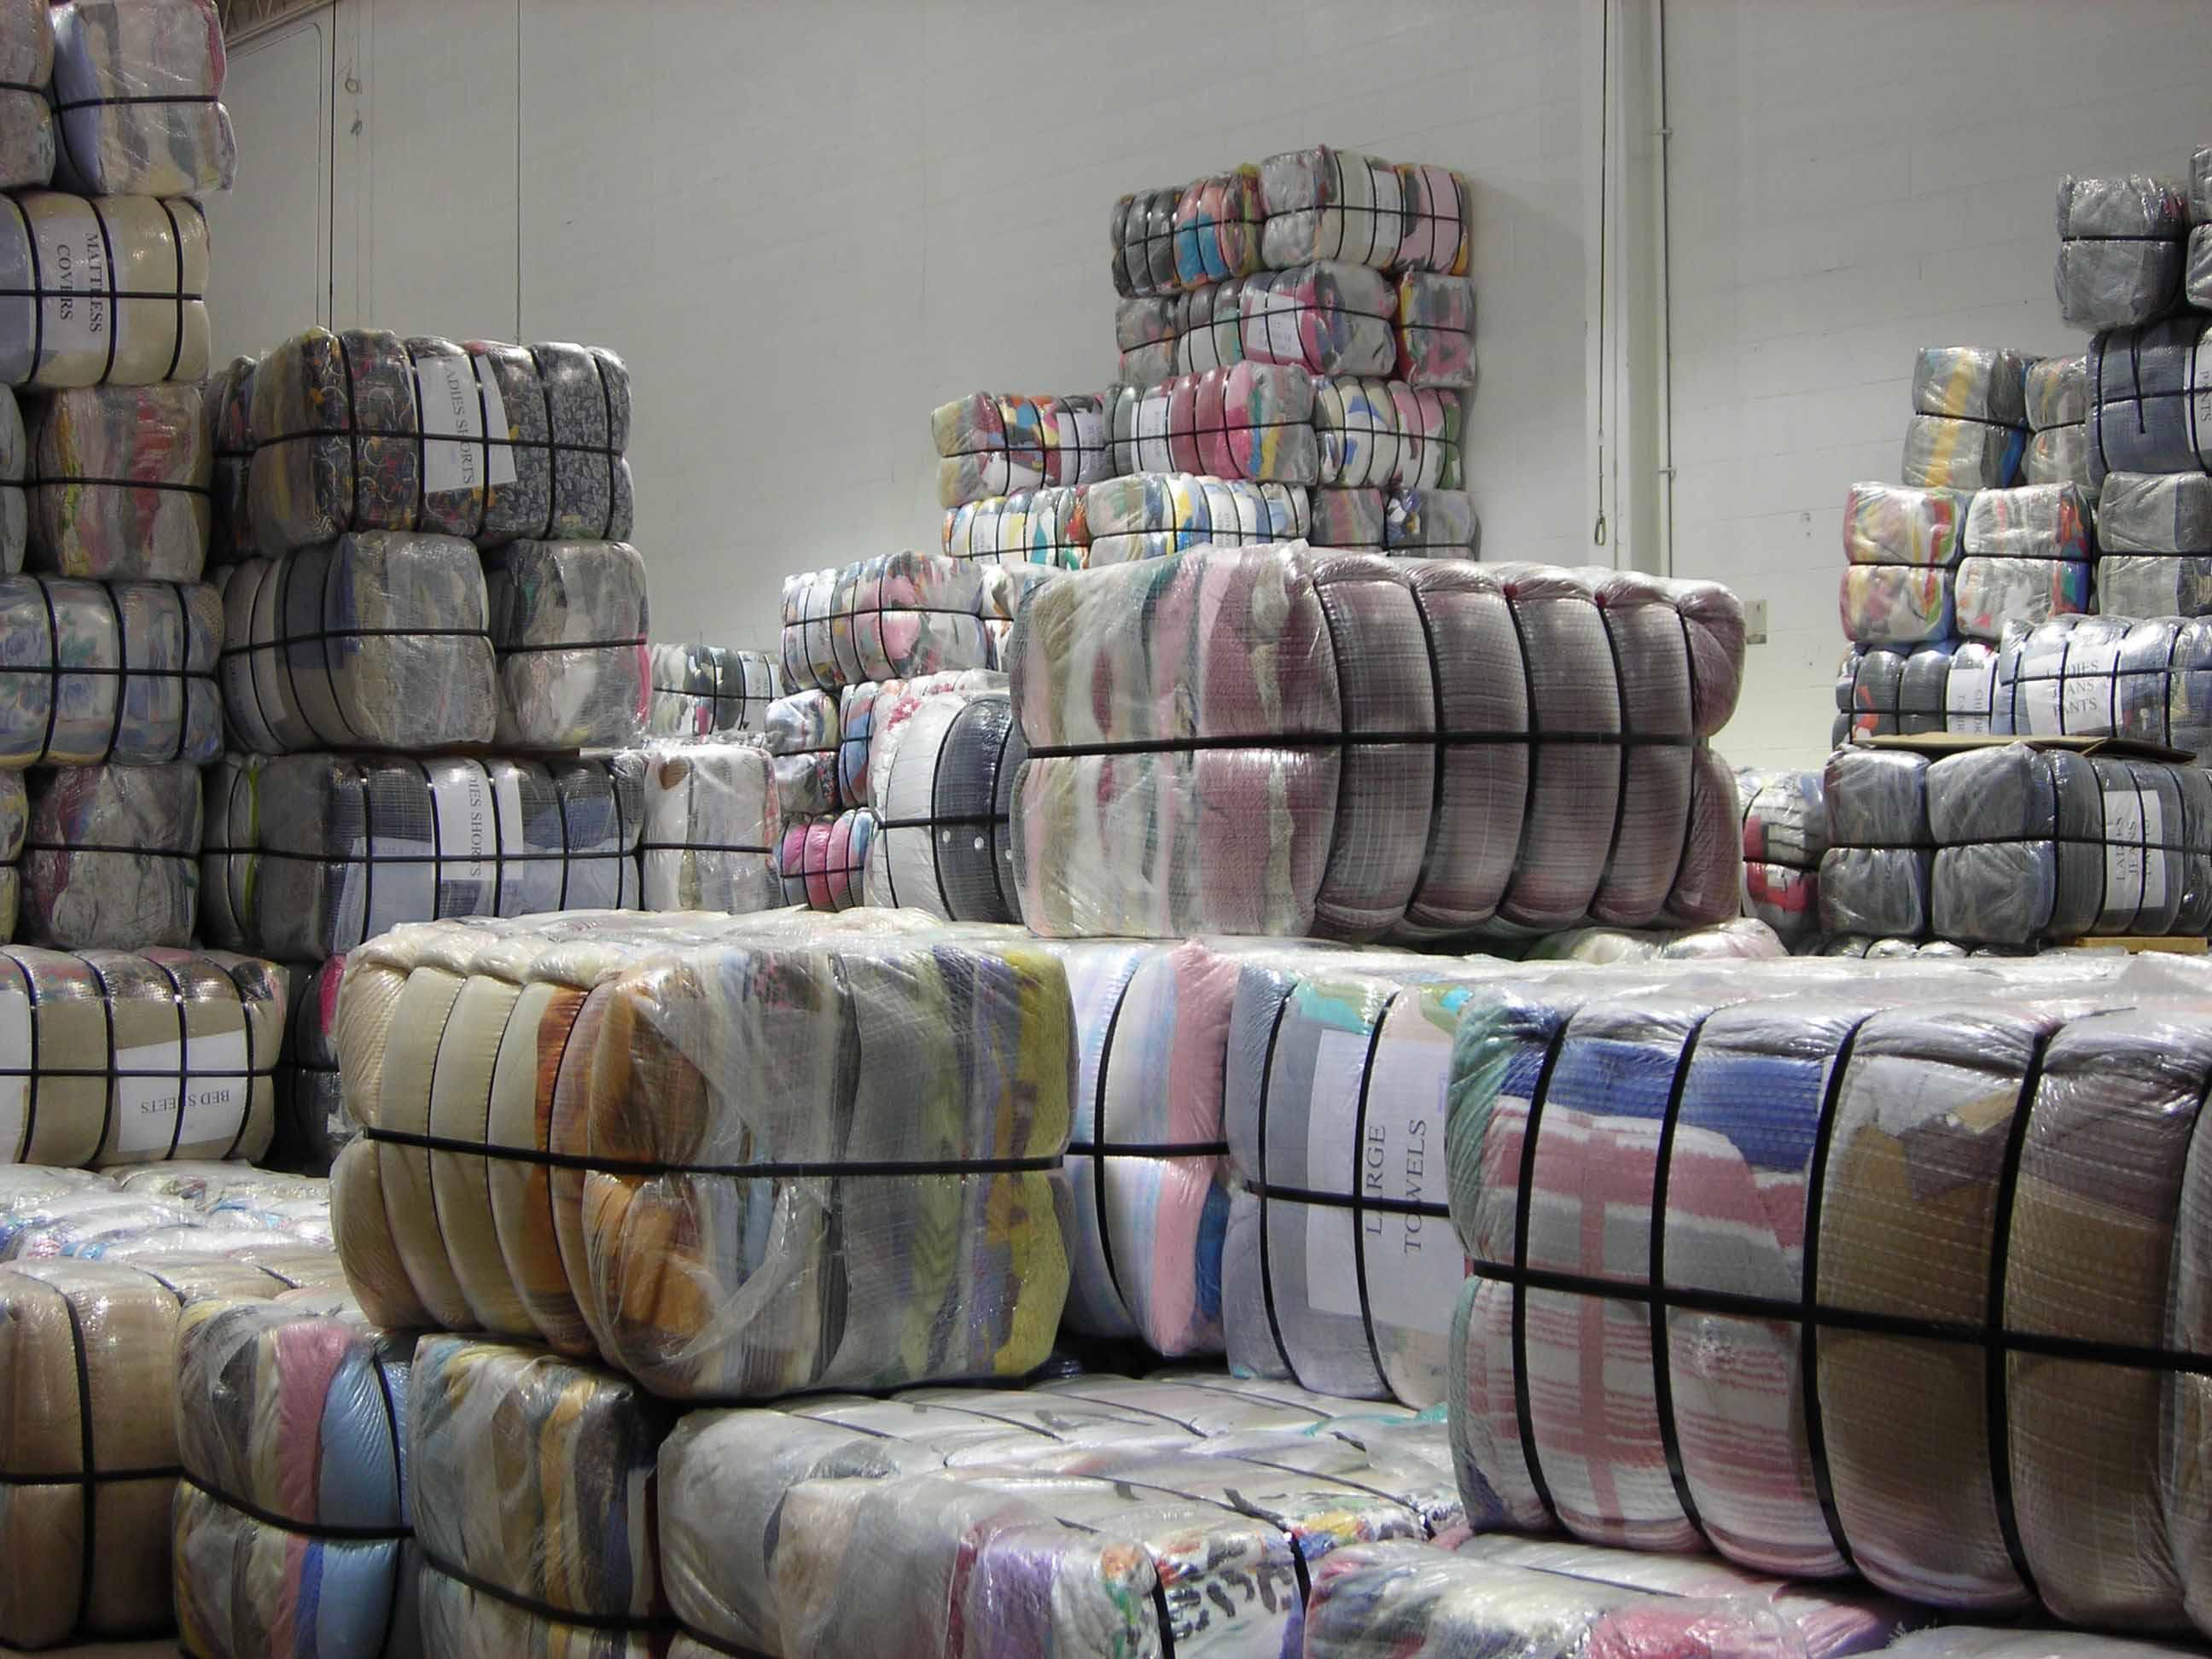 Tập kết hàng dệt may xuất khẩu đi Pháp